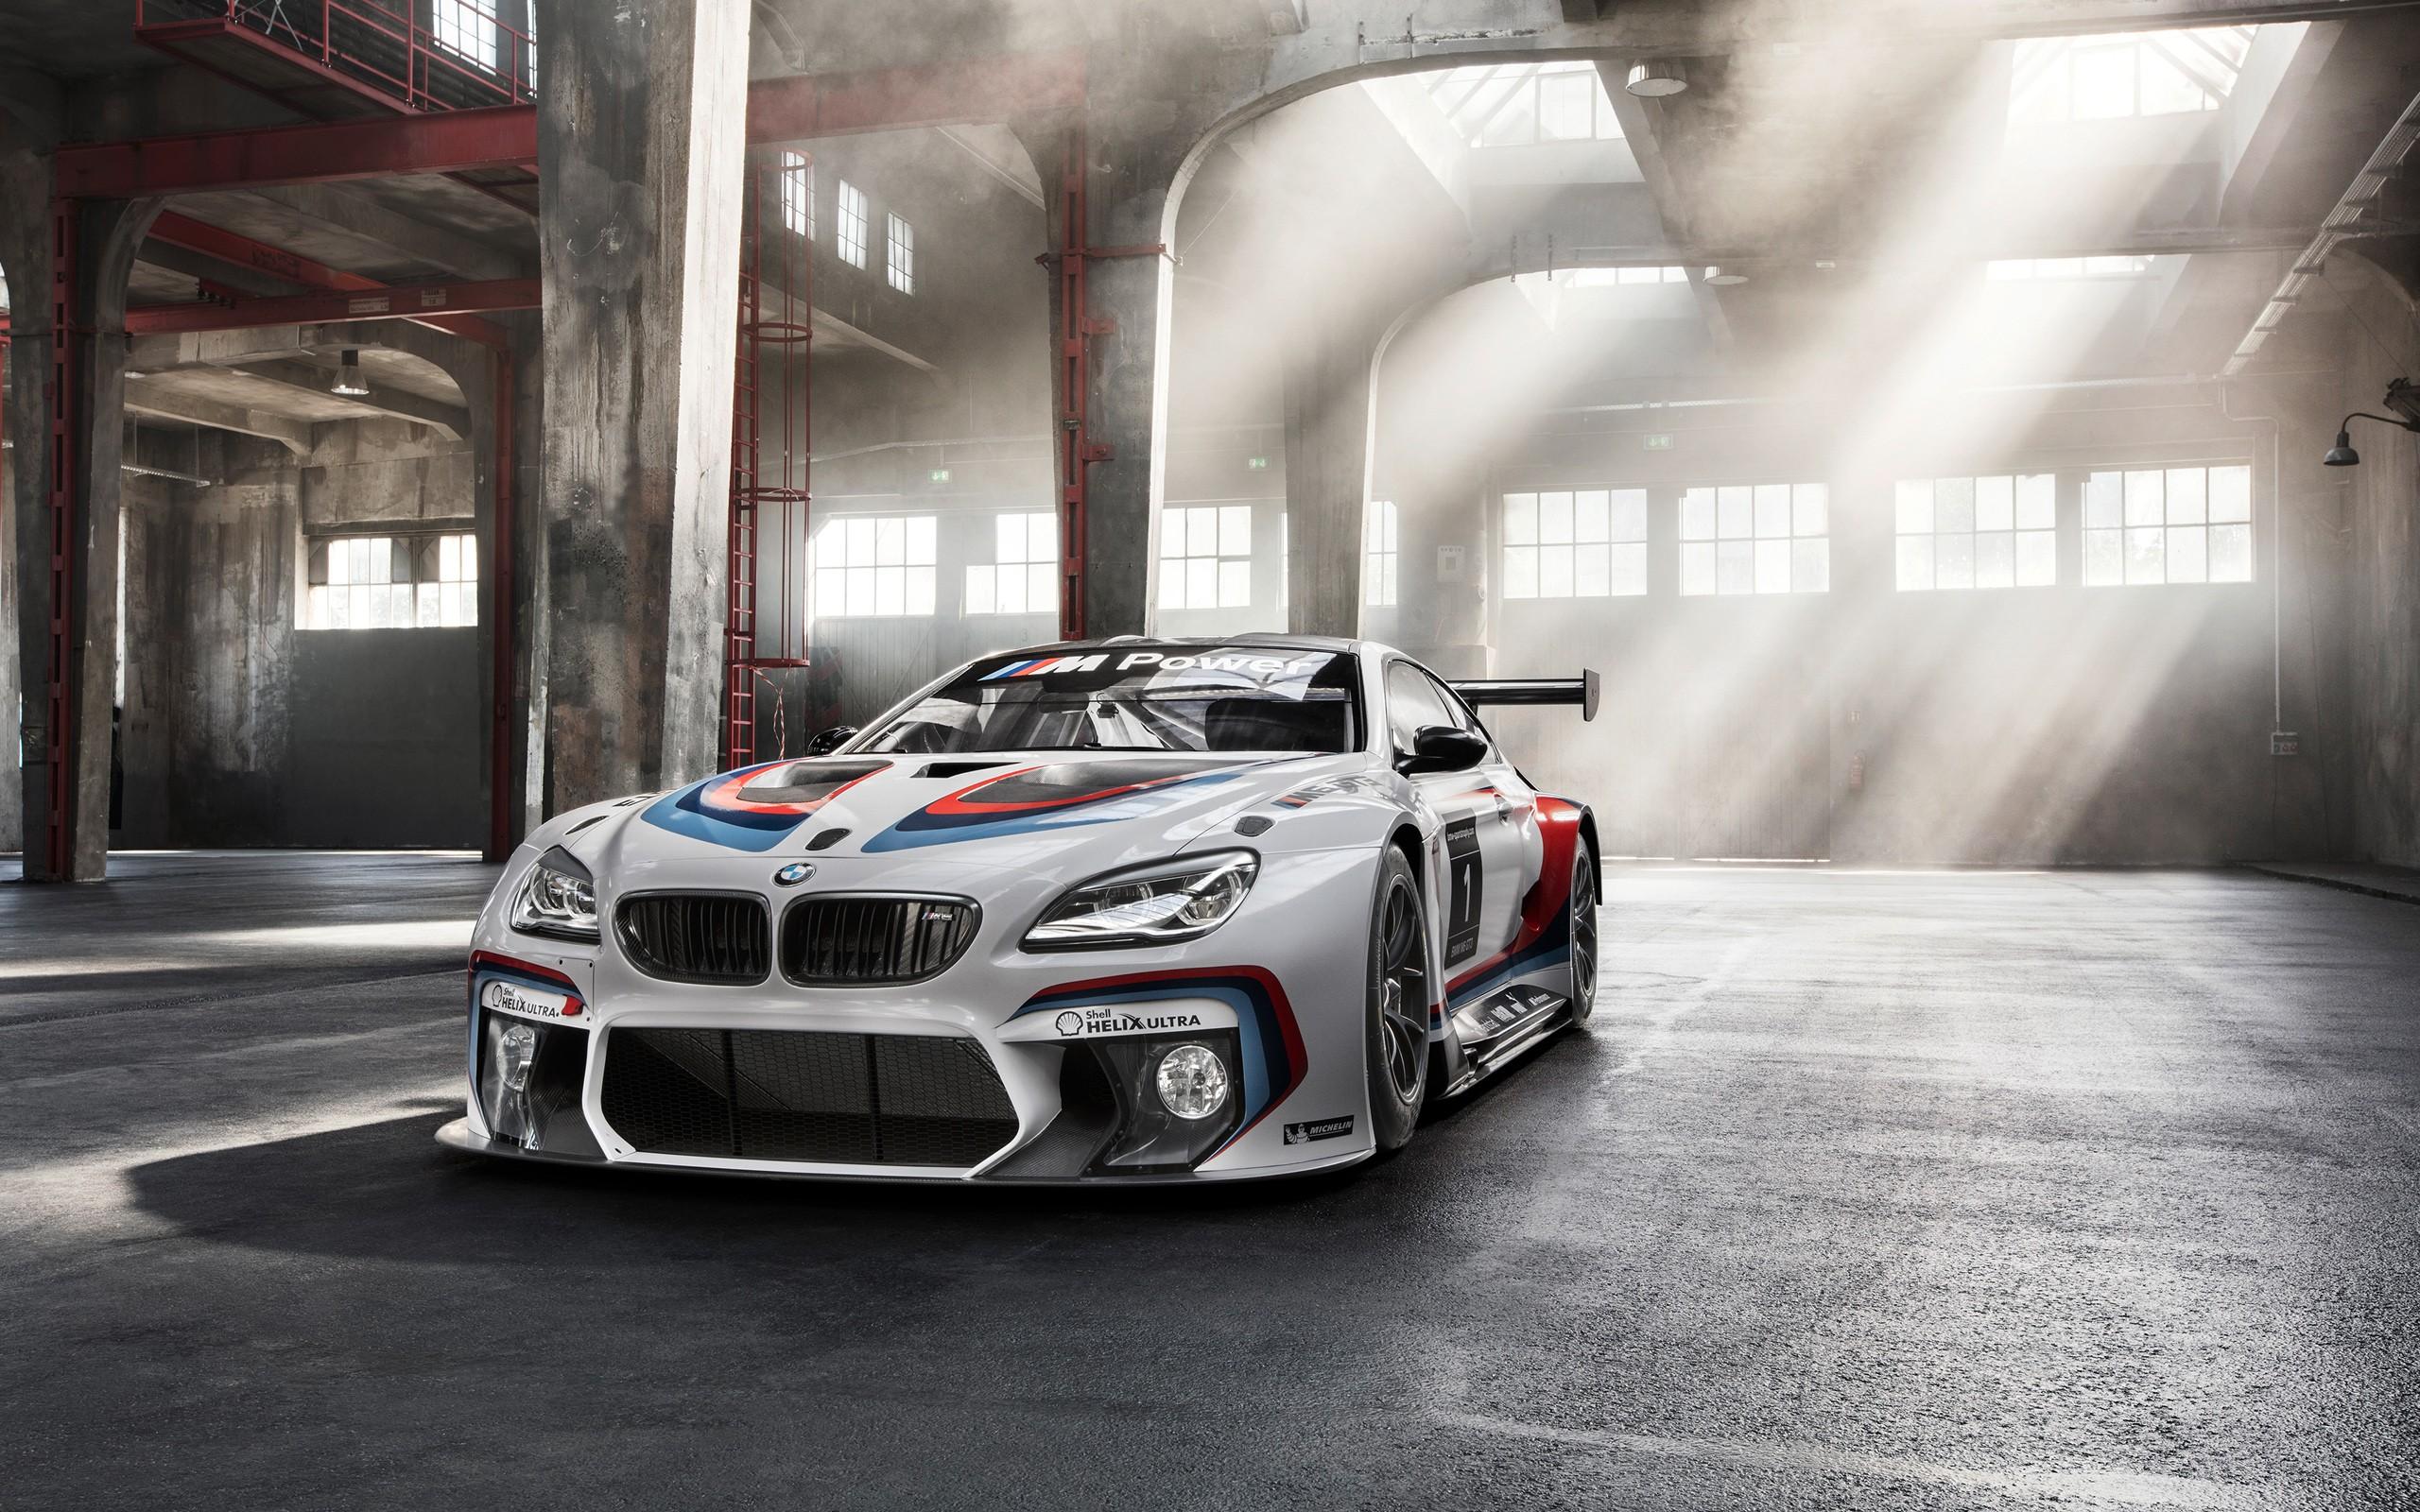 2015 Bmw M6 Gt3 F13 Sport 4 Wallpaper Hd Car Wallpapers Id 5792